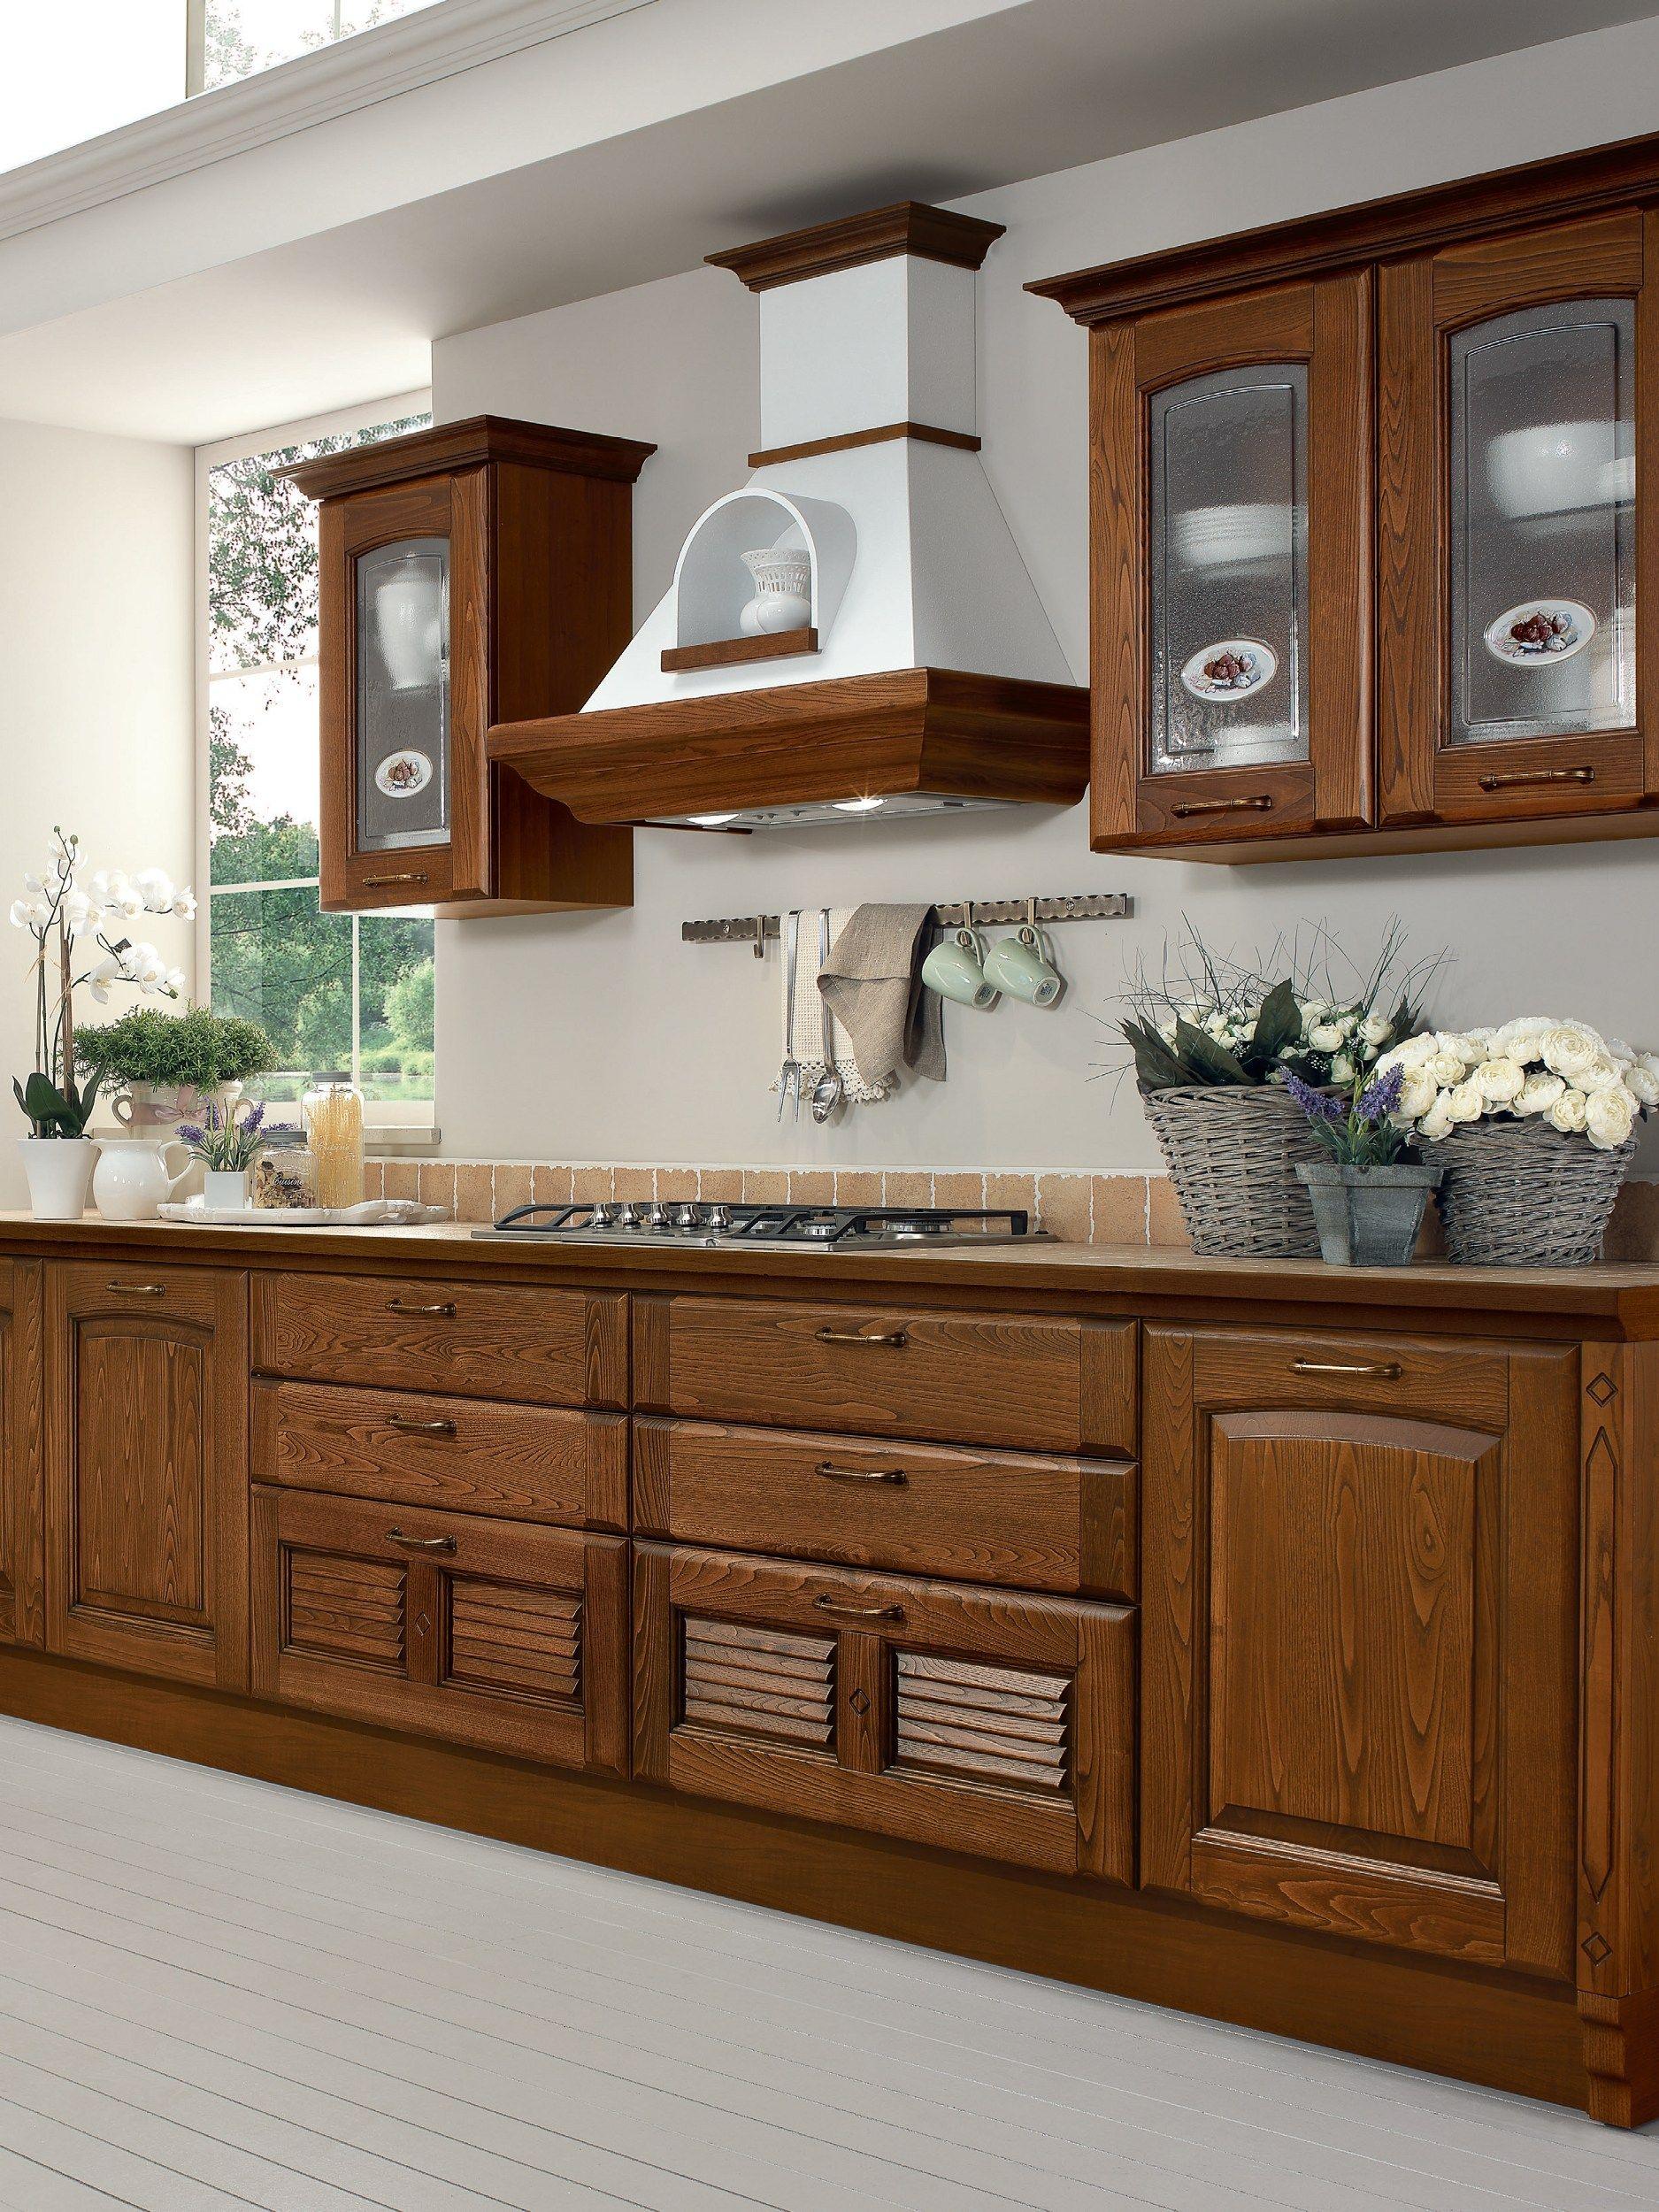 Maniglie Cucina - Idee Per La Casa - Douglasfalls.com